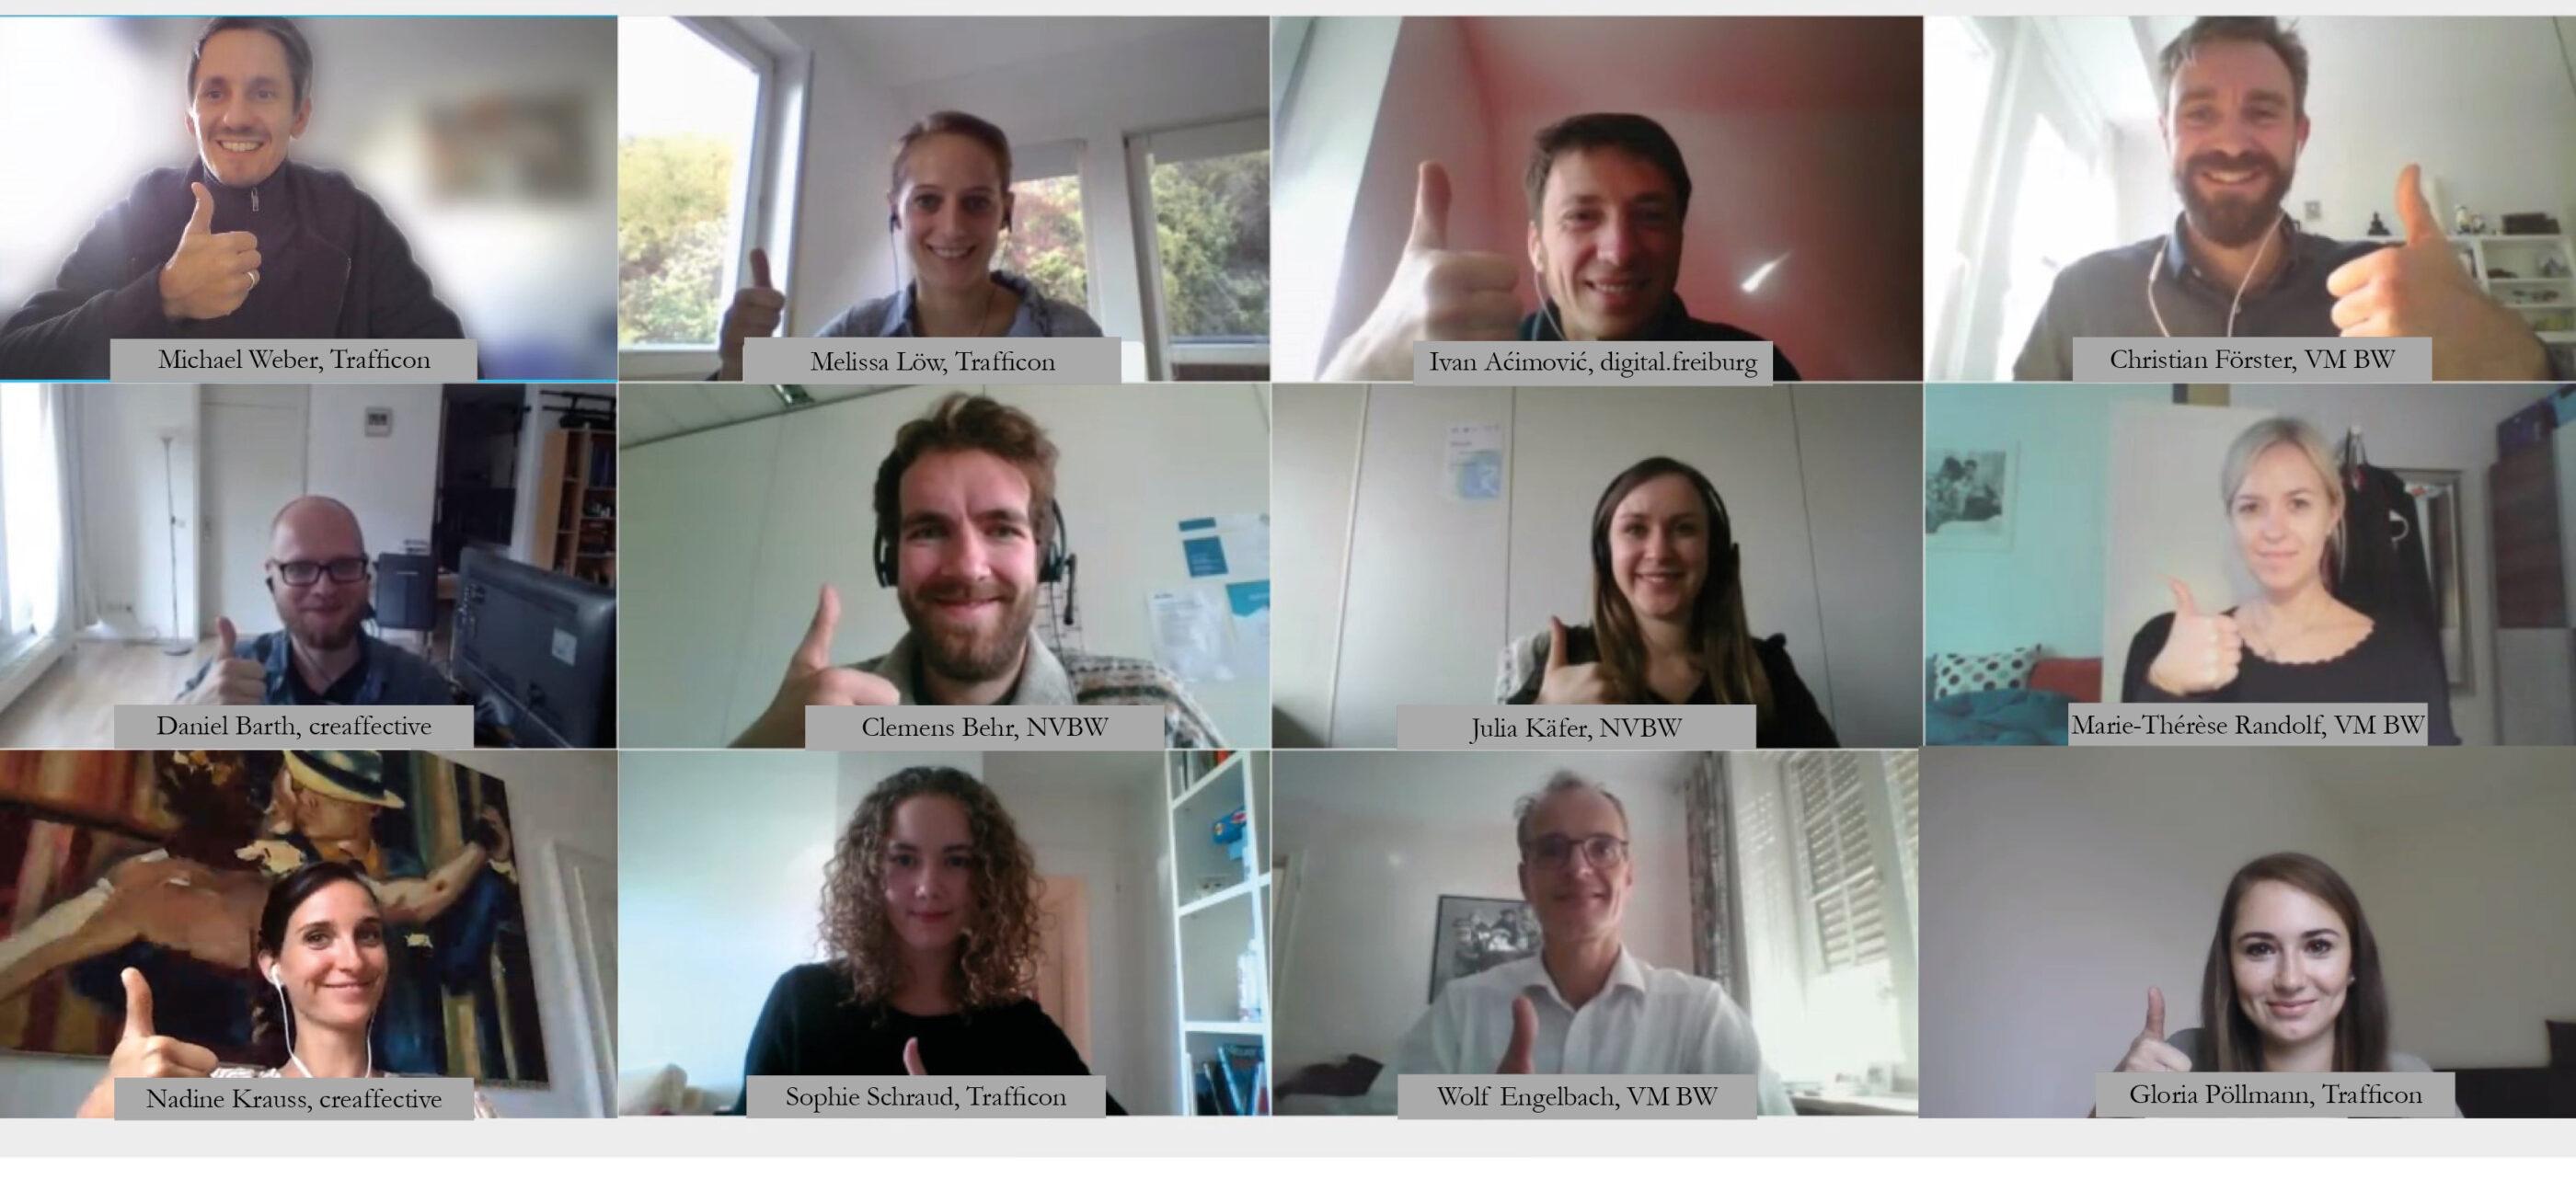 Hackathon-Innovation-Mobilitätslösungen-Digital-Teamwork-Zusammenarbeit